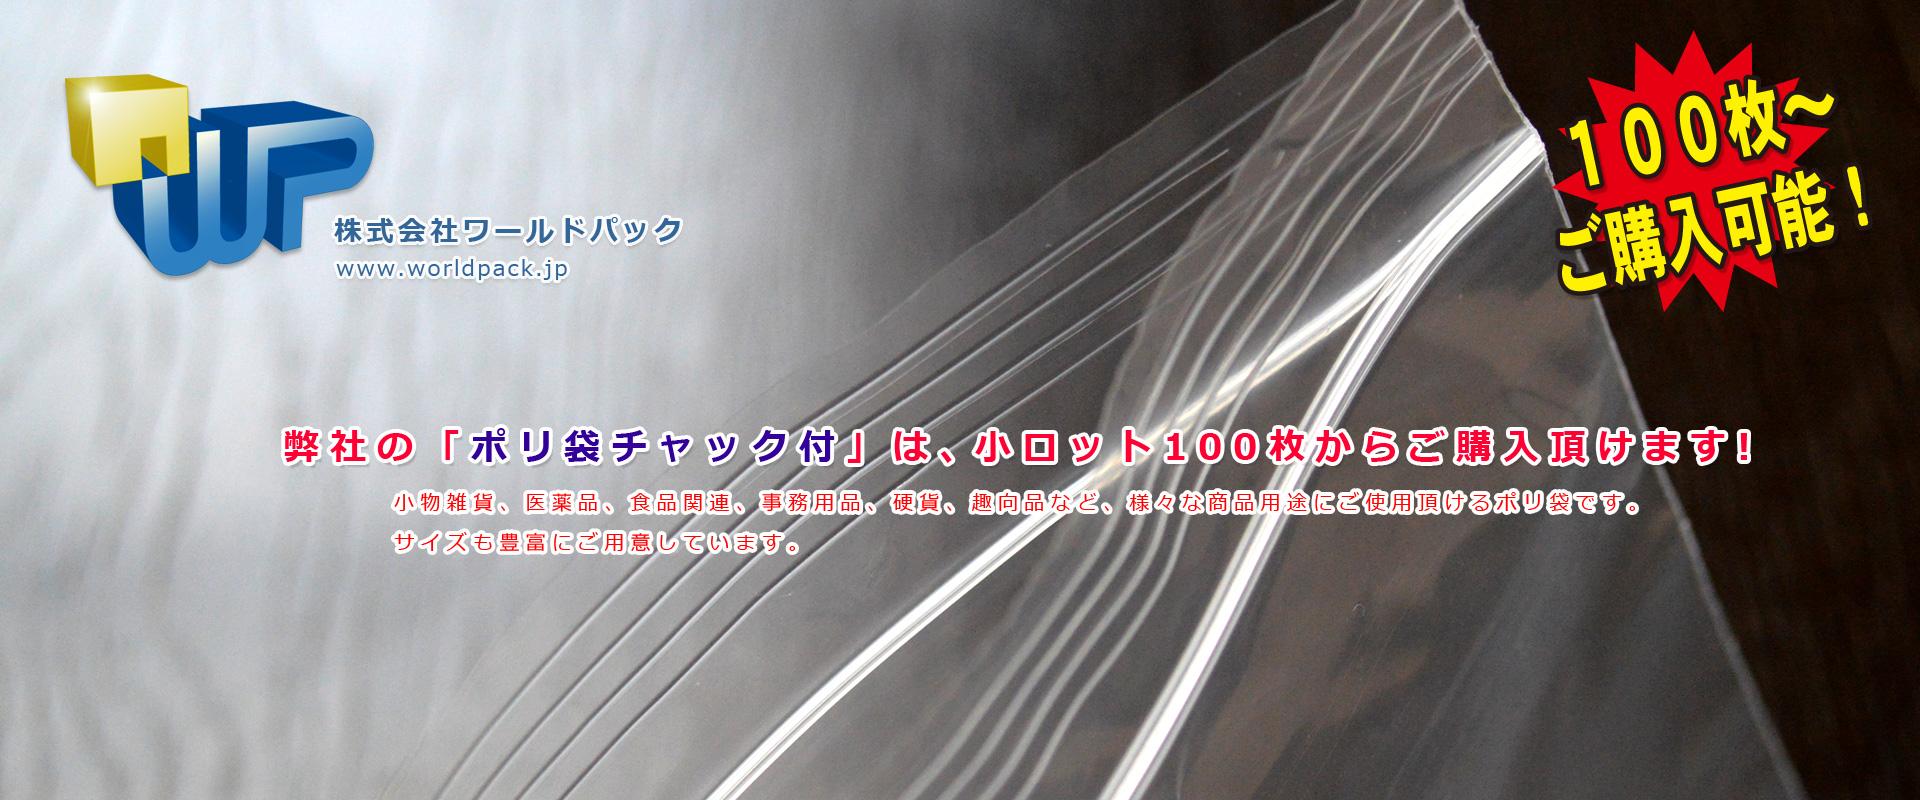 チャック付きポリ袋 小分けに便利なポリ袋 安い規格ポリ袋 株式会社ワールドパック 東京、神奈川、埼玉、千葉、茨城、群馬、栃木